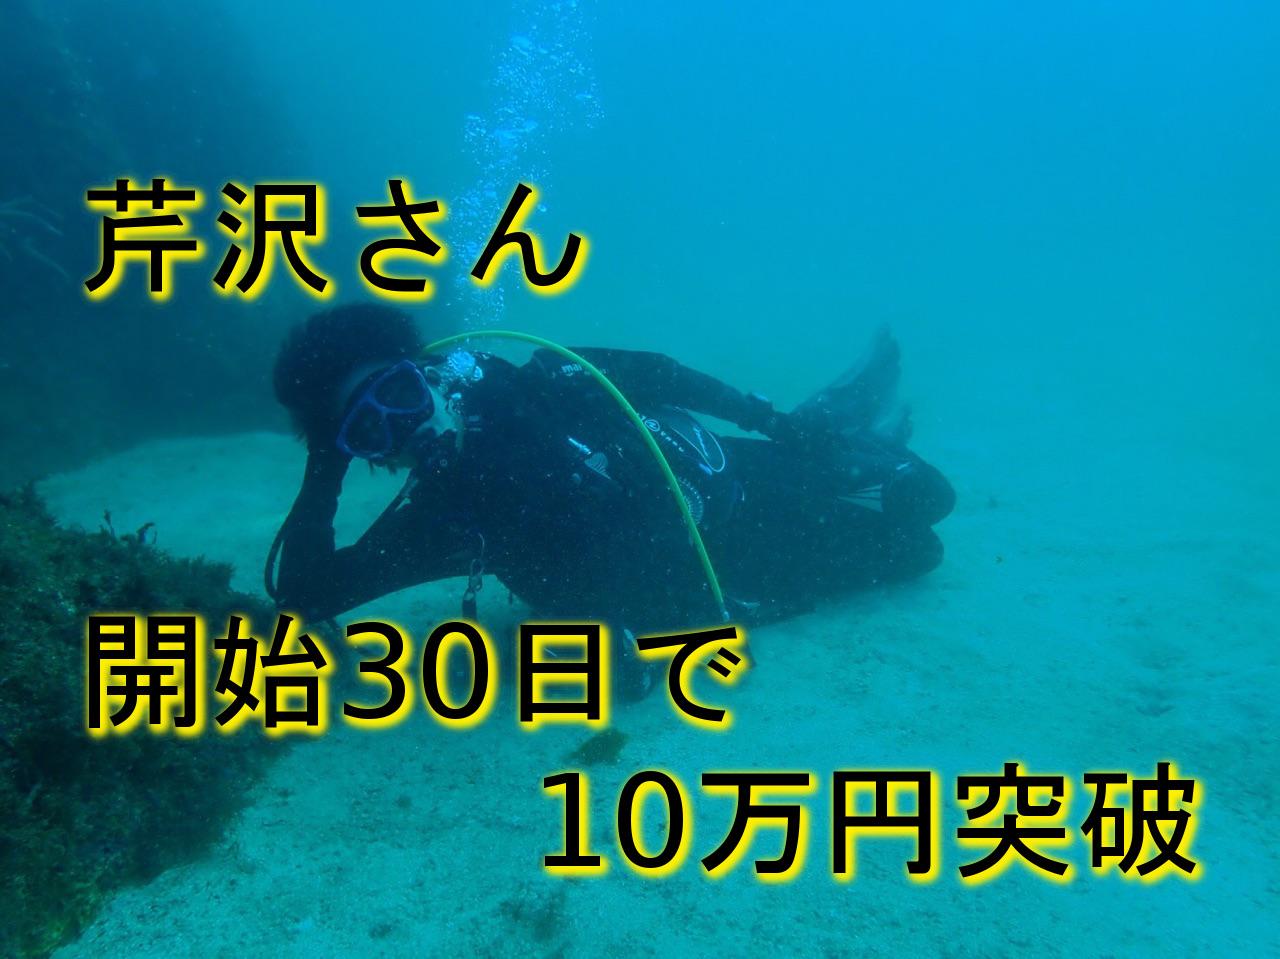 コンサル生の芹沢さんが開始30日で10万円を突破されました